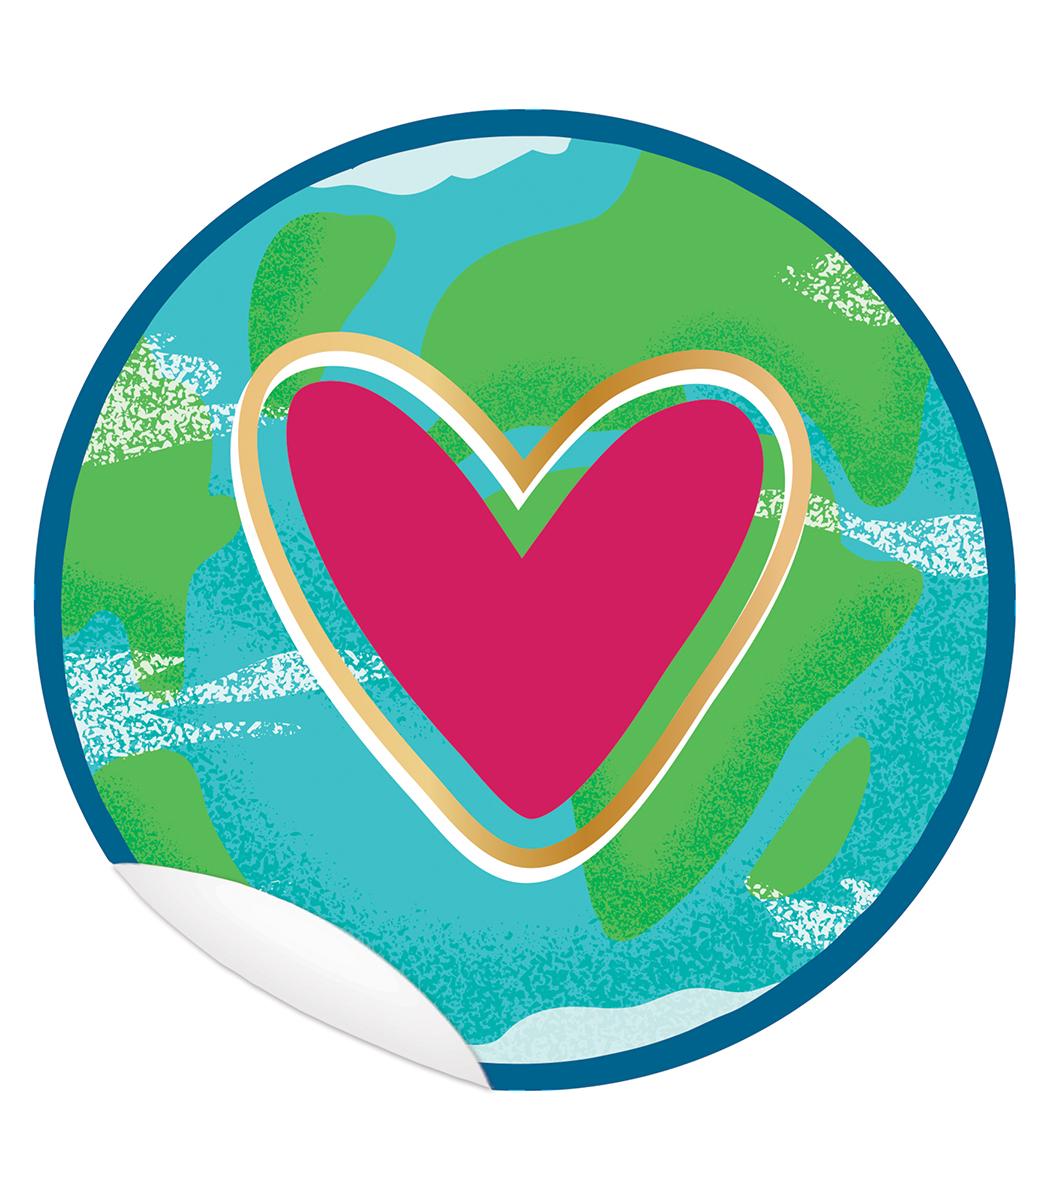 Autocollants de sol Un monde pour tous